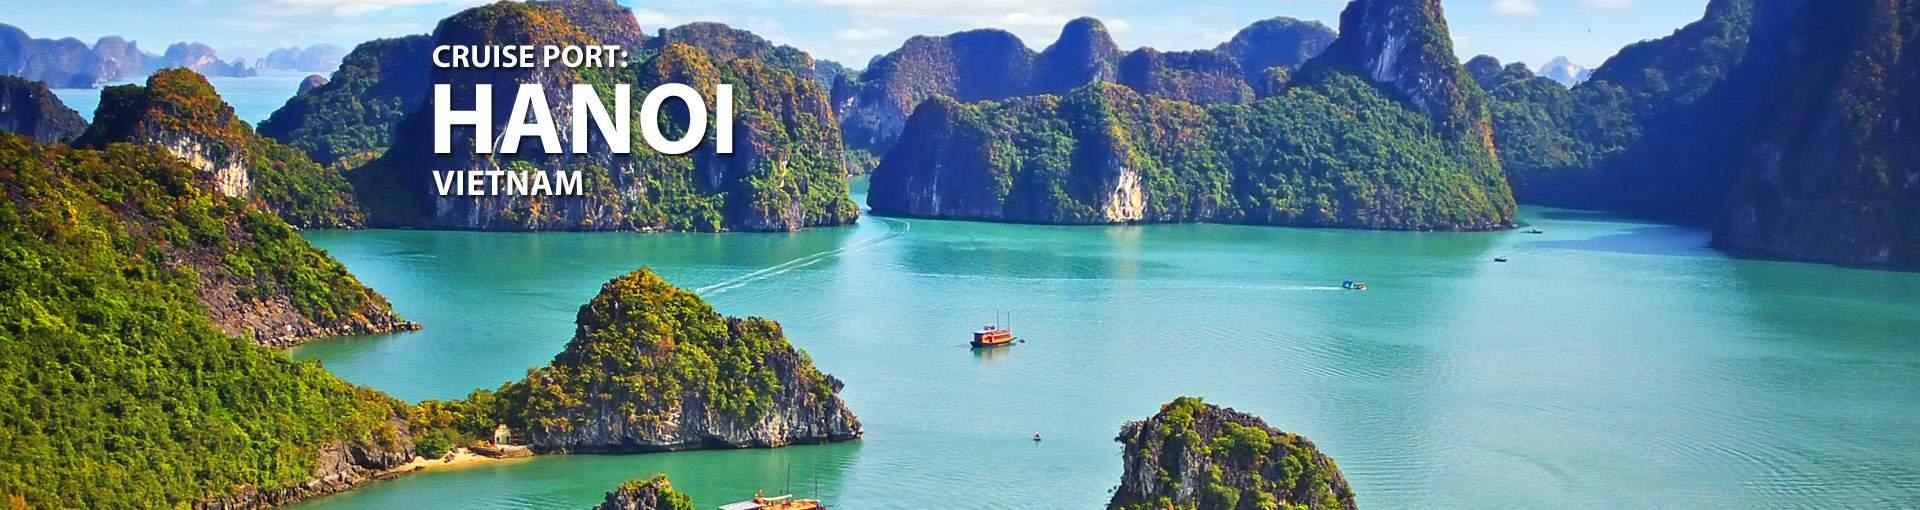 Cruises from Hanoi, Vietnam